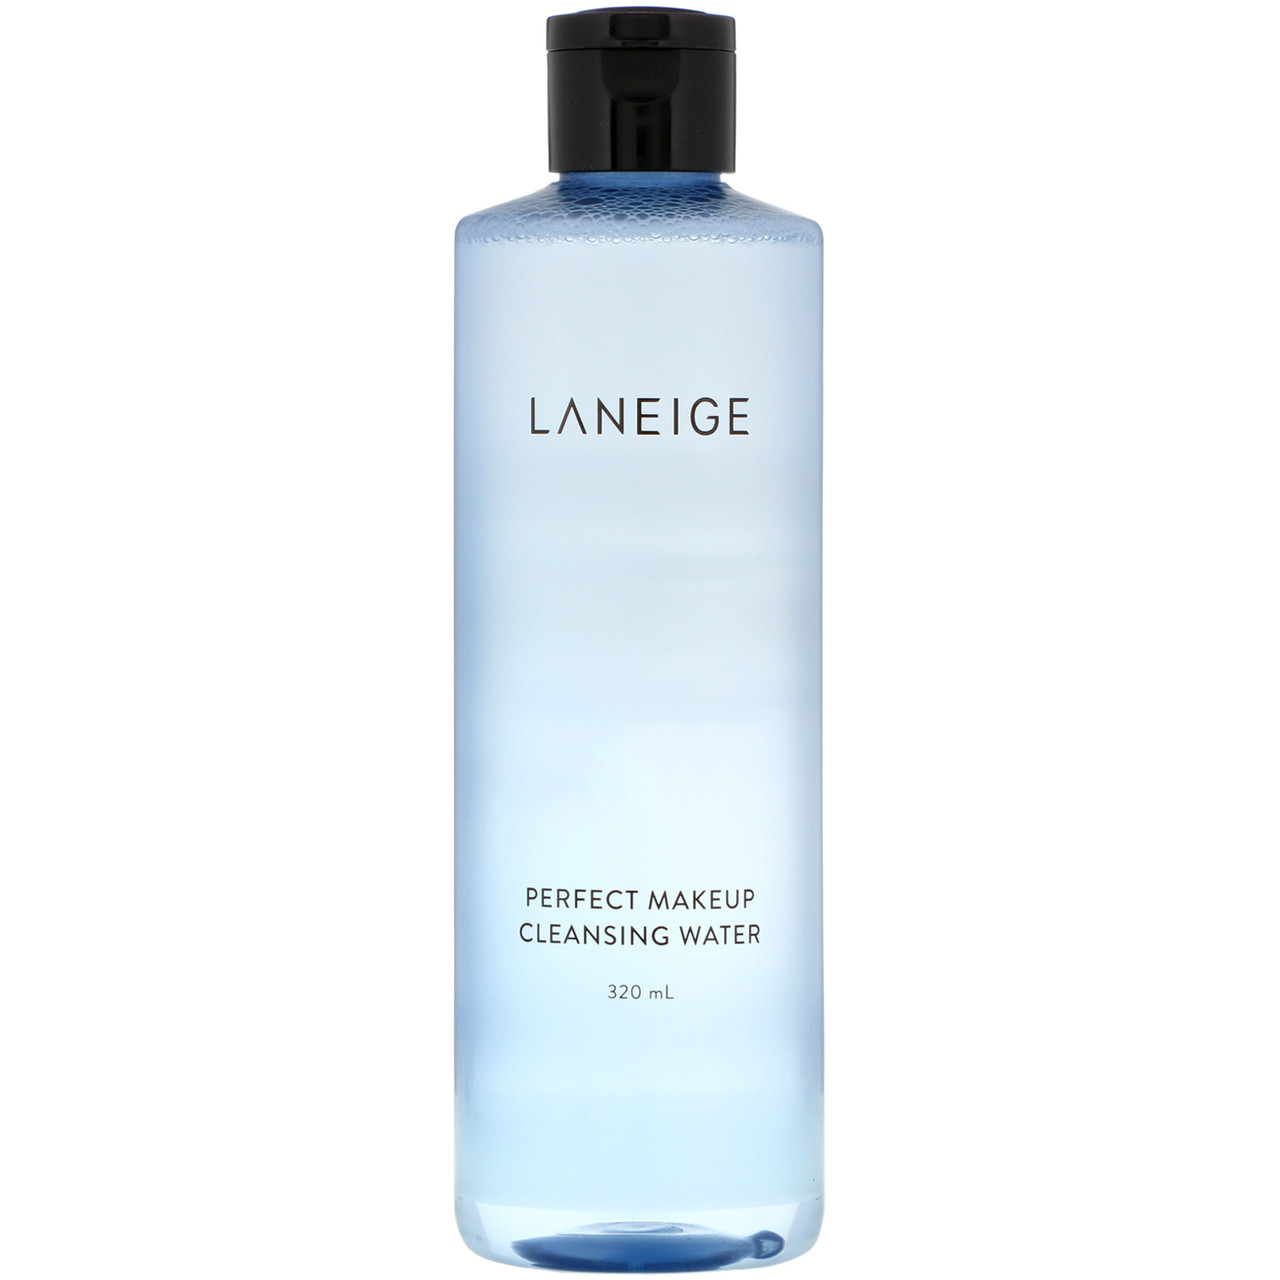 Увлажняющая слабокислотная мицеллярная вода для очищения кожи Laneige Perfect Makeup Cleansing Water 320 мл (8809585105894)